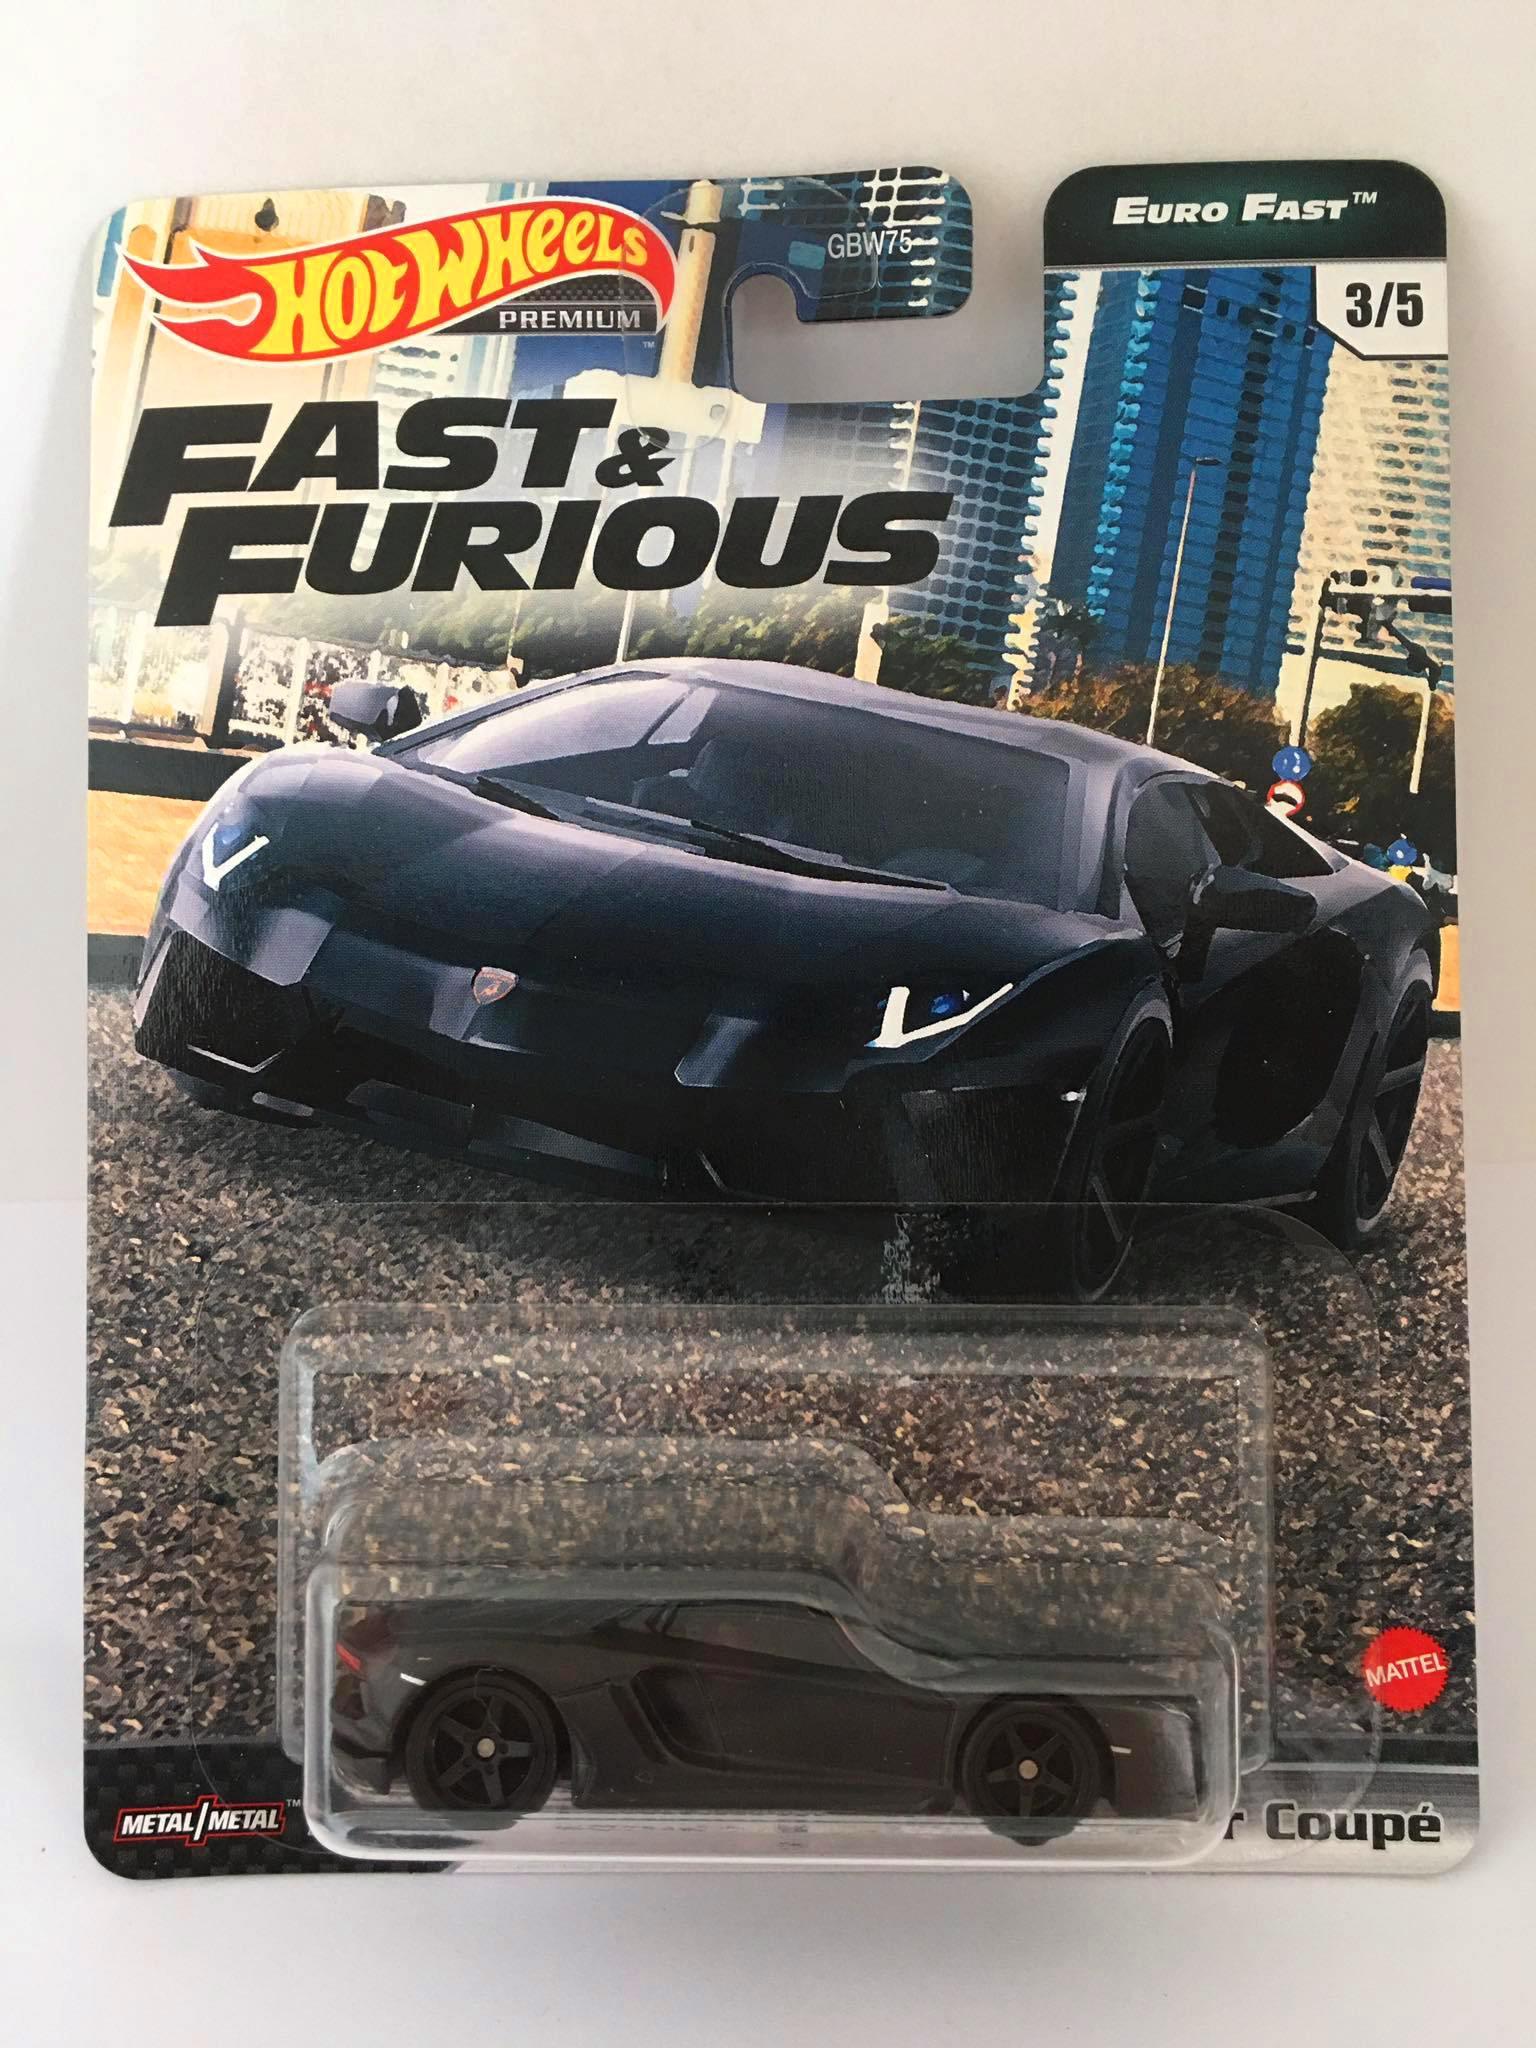 Hot Wheels - Lamborghini Aventador Coupé  Preto - Fast e Furious - Euro Fast